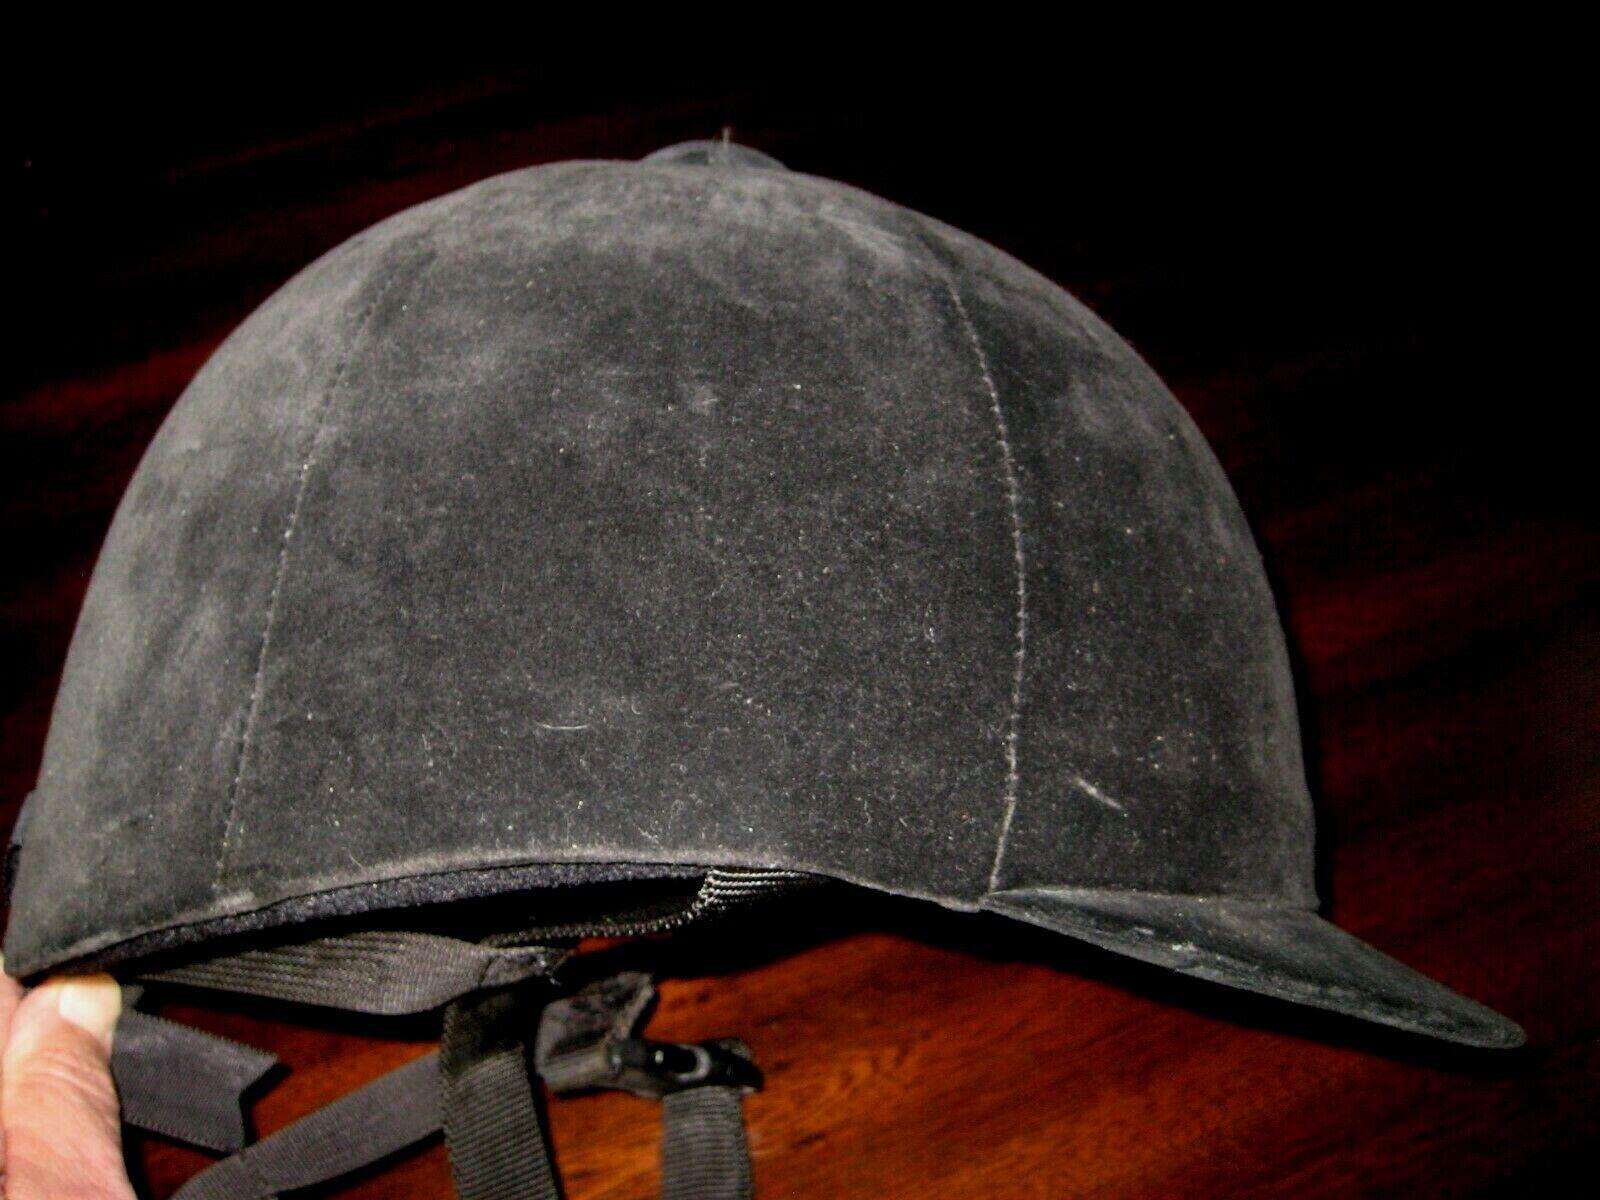 Rara de 4 jinetes ecuestre  equitación casco de fieltro negro Talla 7 1 2 - 61-Usado En Excelente Condición  para barato